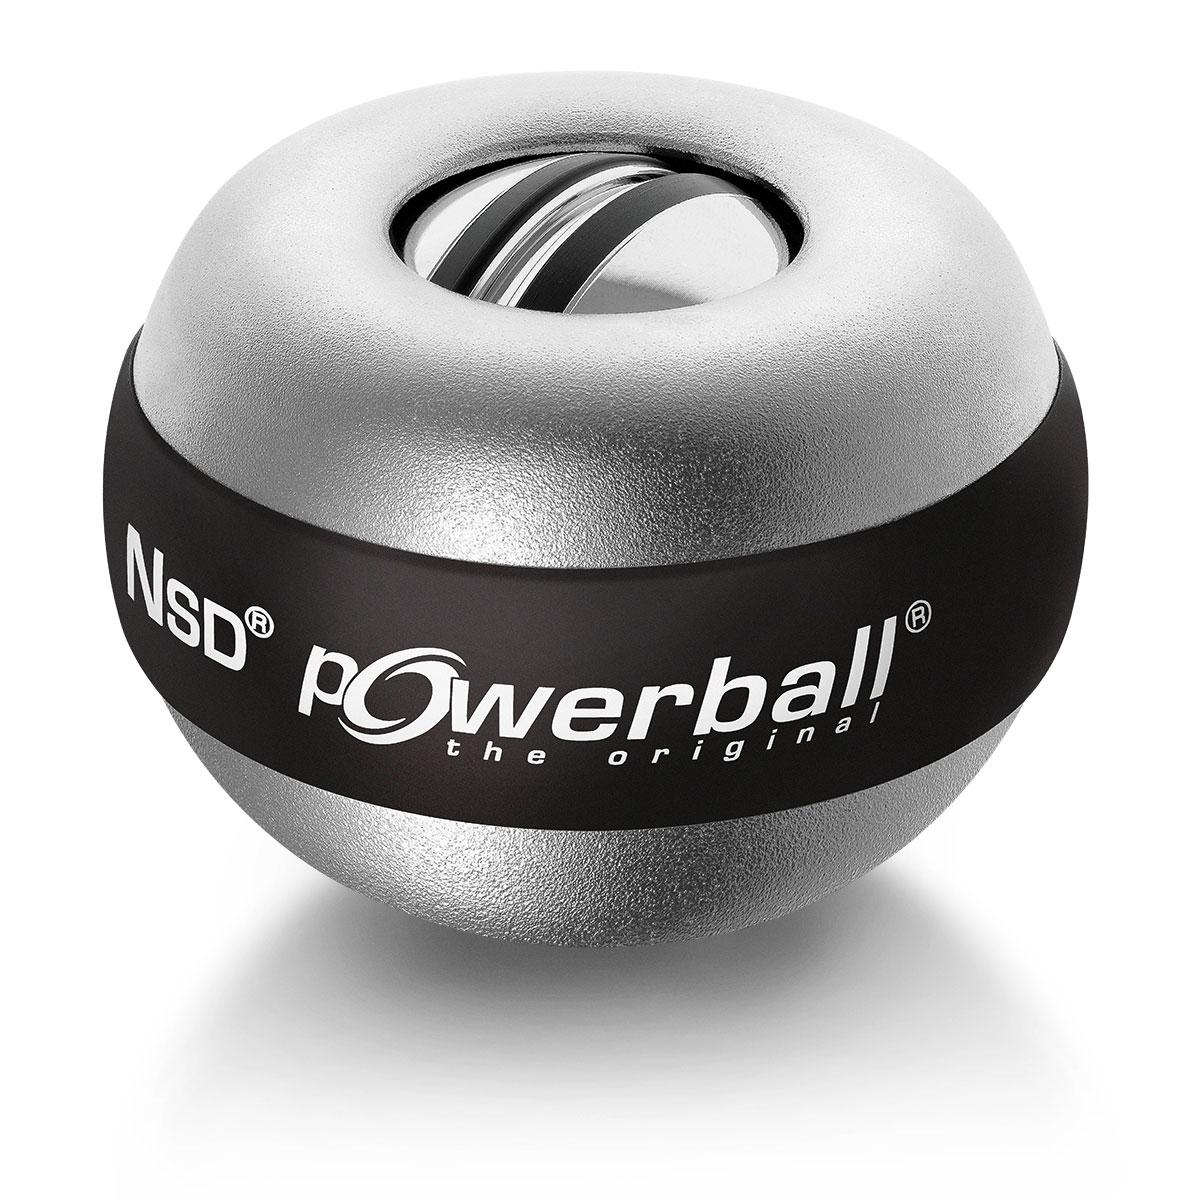 Powerball Der Große